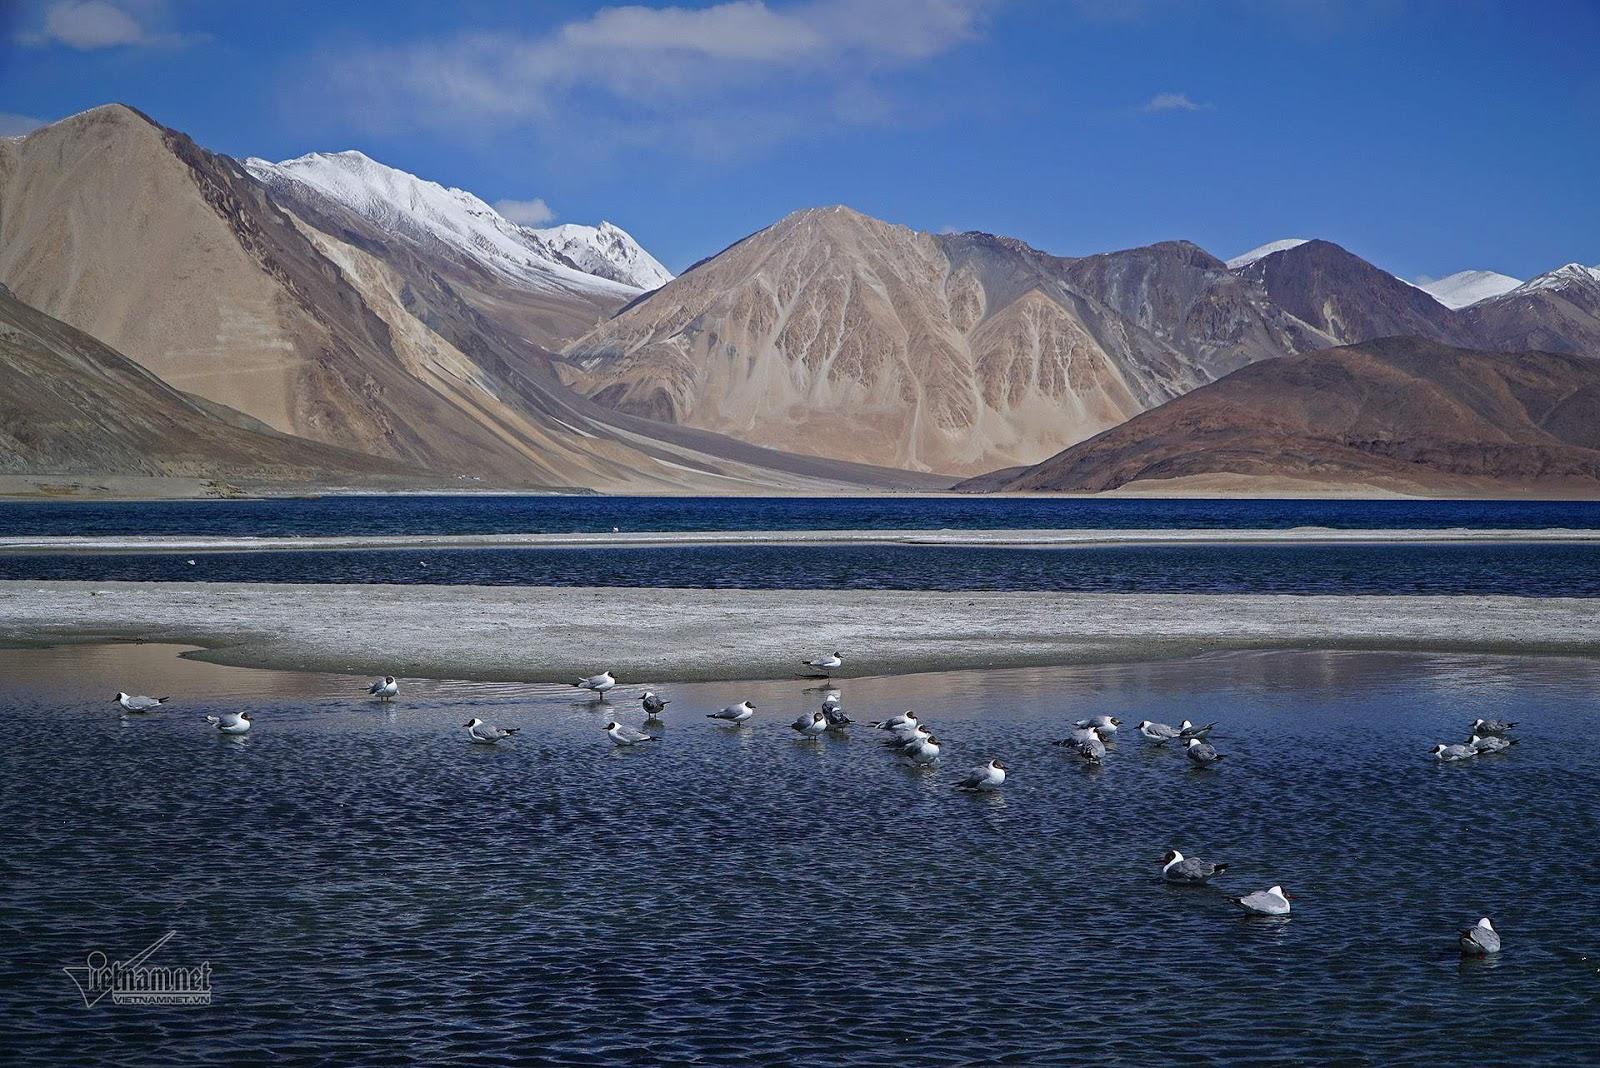 Khám phá vẻ đẹp huyền bí hồ Pangong - Ảnh 8